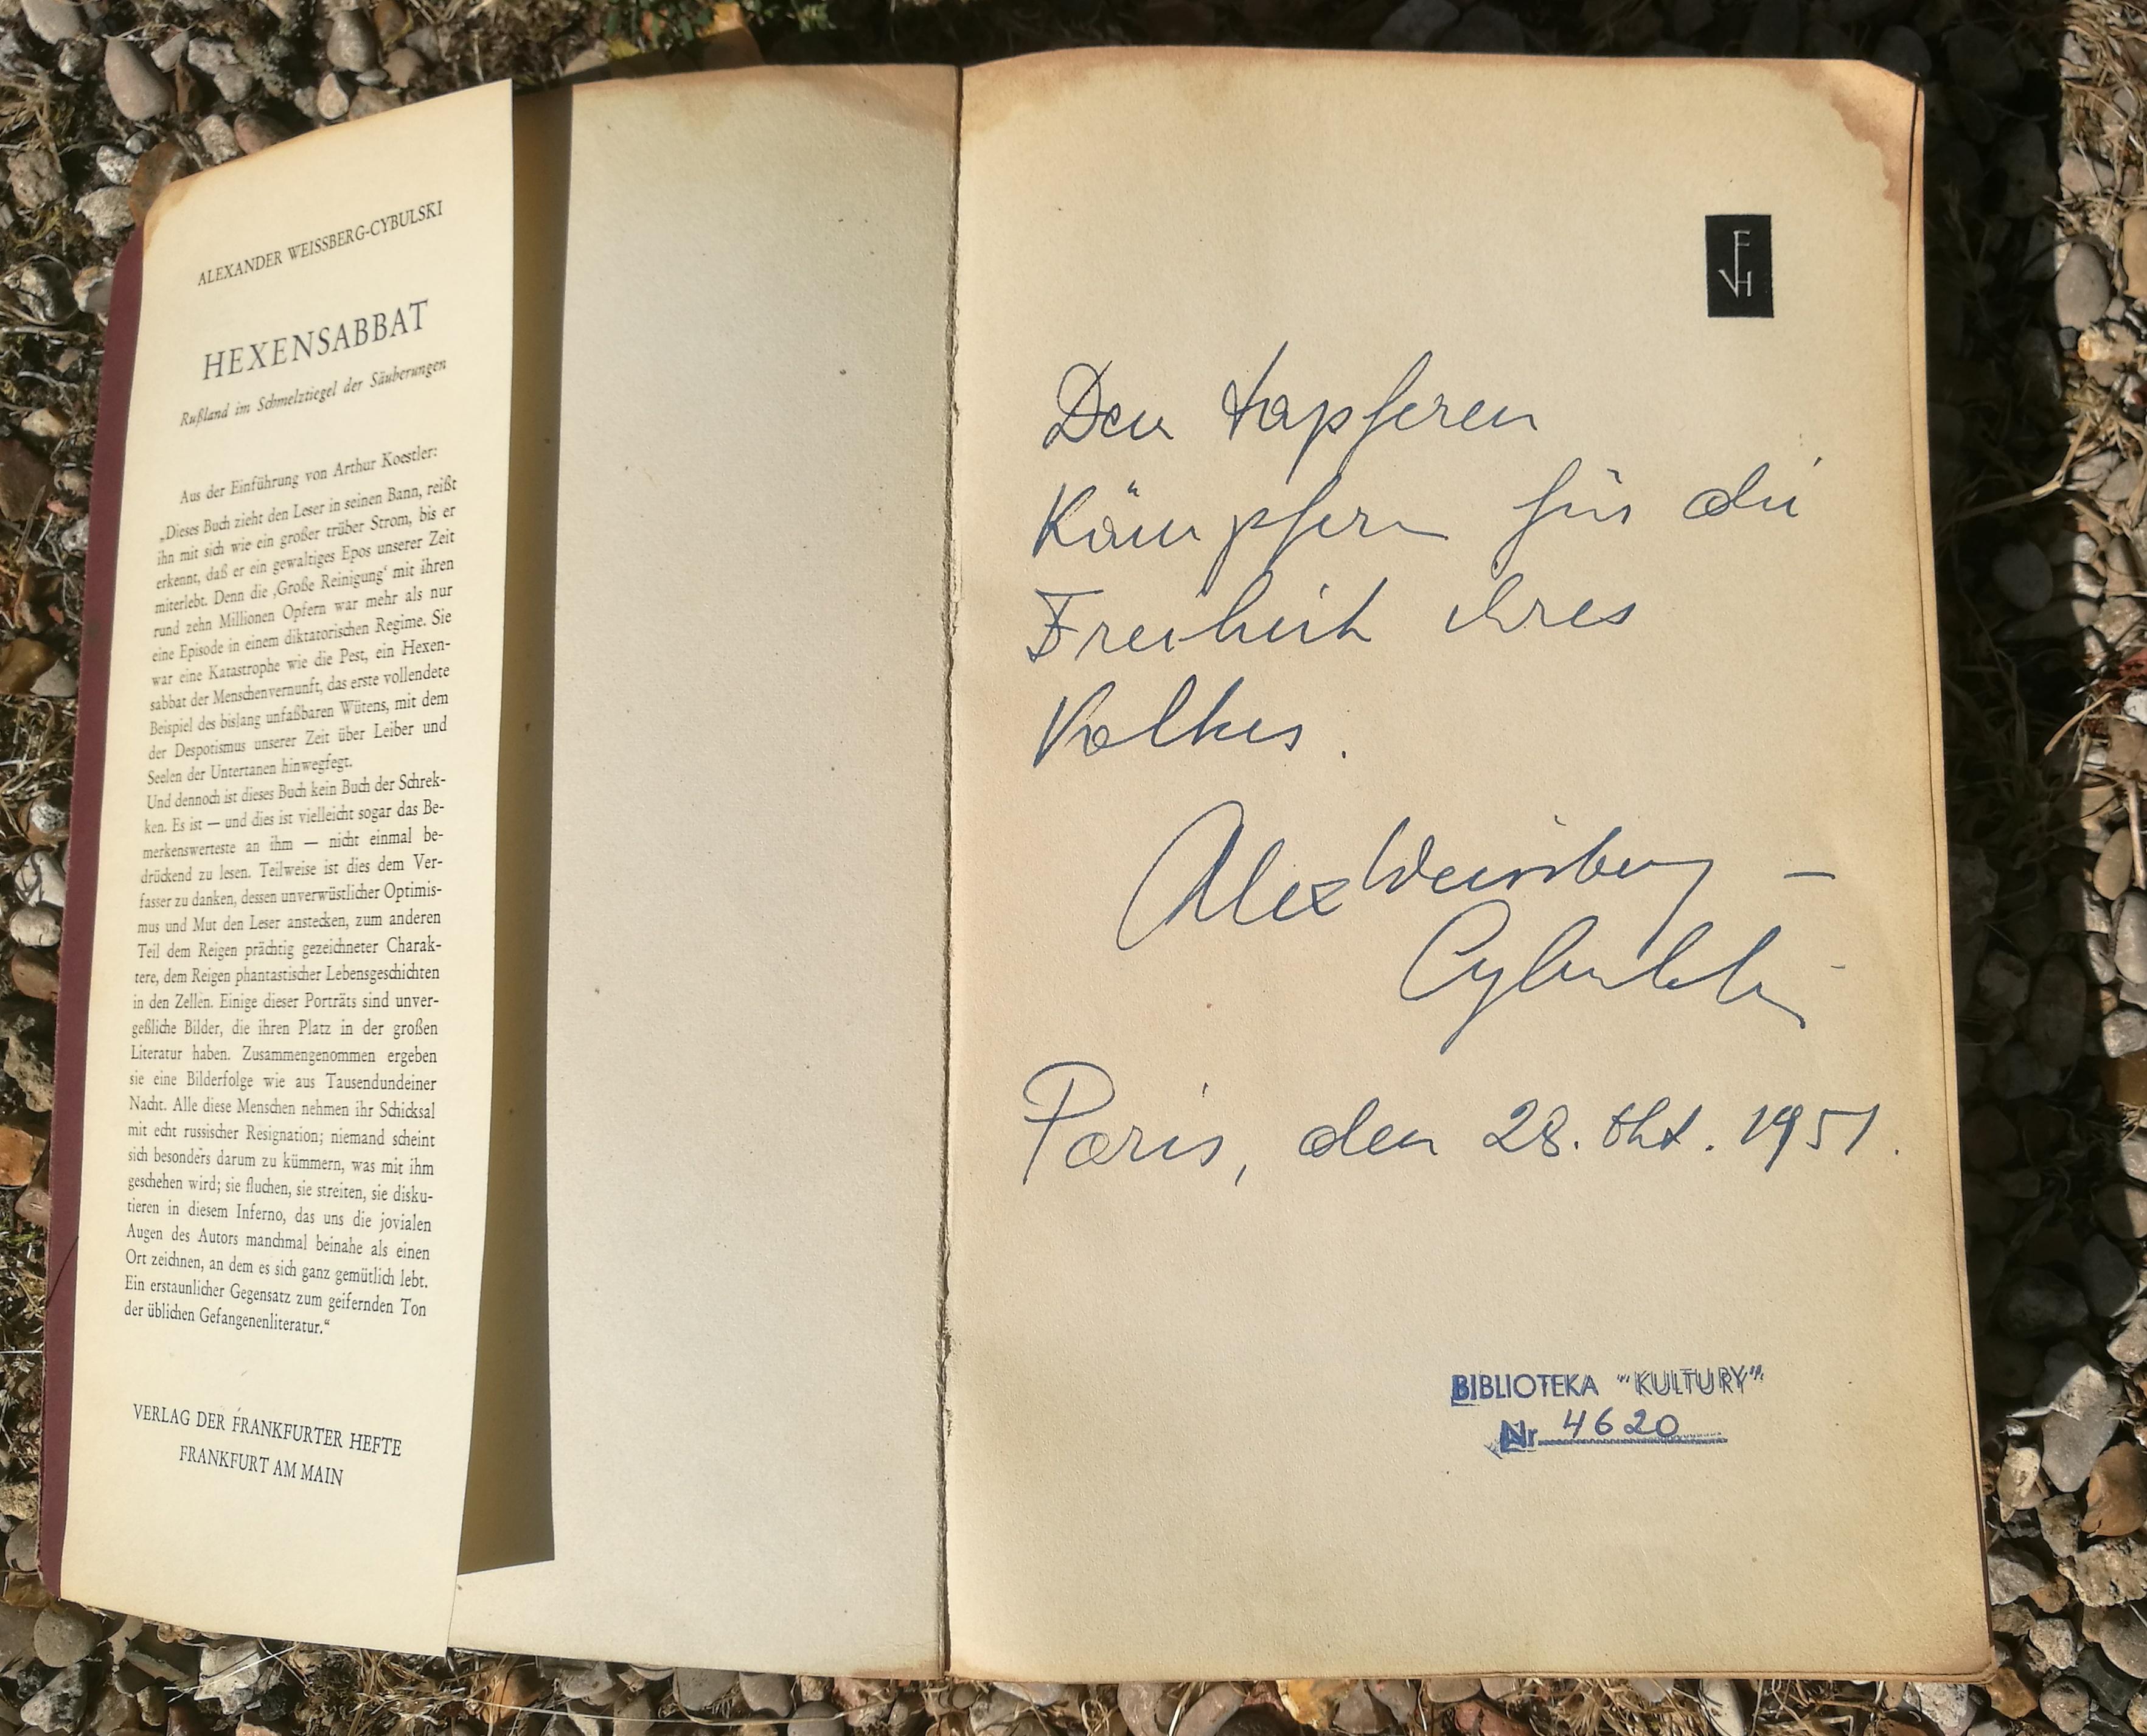 """<div class='inner-box'><div class='close-desc'></div><span class='opis'>Dedykacja Aleksandra Weissberga-Cybulskiego na pierwszym wydaniu """"Hexen-Sabbat"""". (1951)  Książka z polskim tytułem """"Wielka czystka""""- ukazała się nakładem IL w 1967 r.</span><div class='clearfix'></div><span>Sygn. sm00417</span><div class='clearfix'></div><span>© Instytut Literacki</span></div>"""